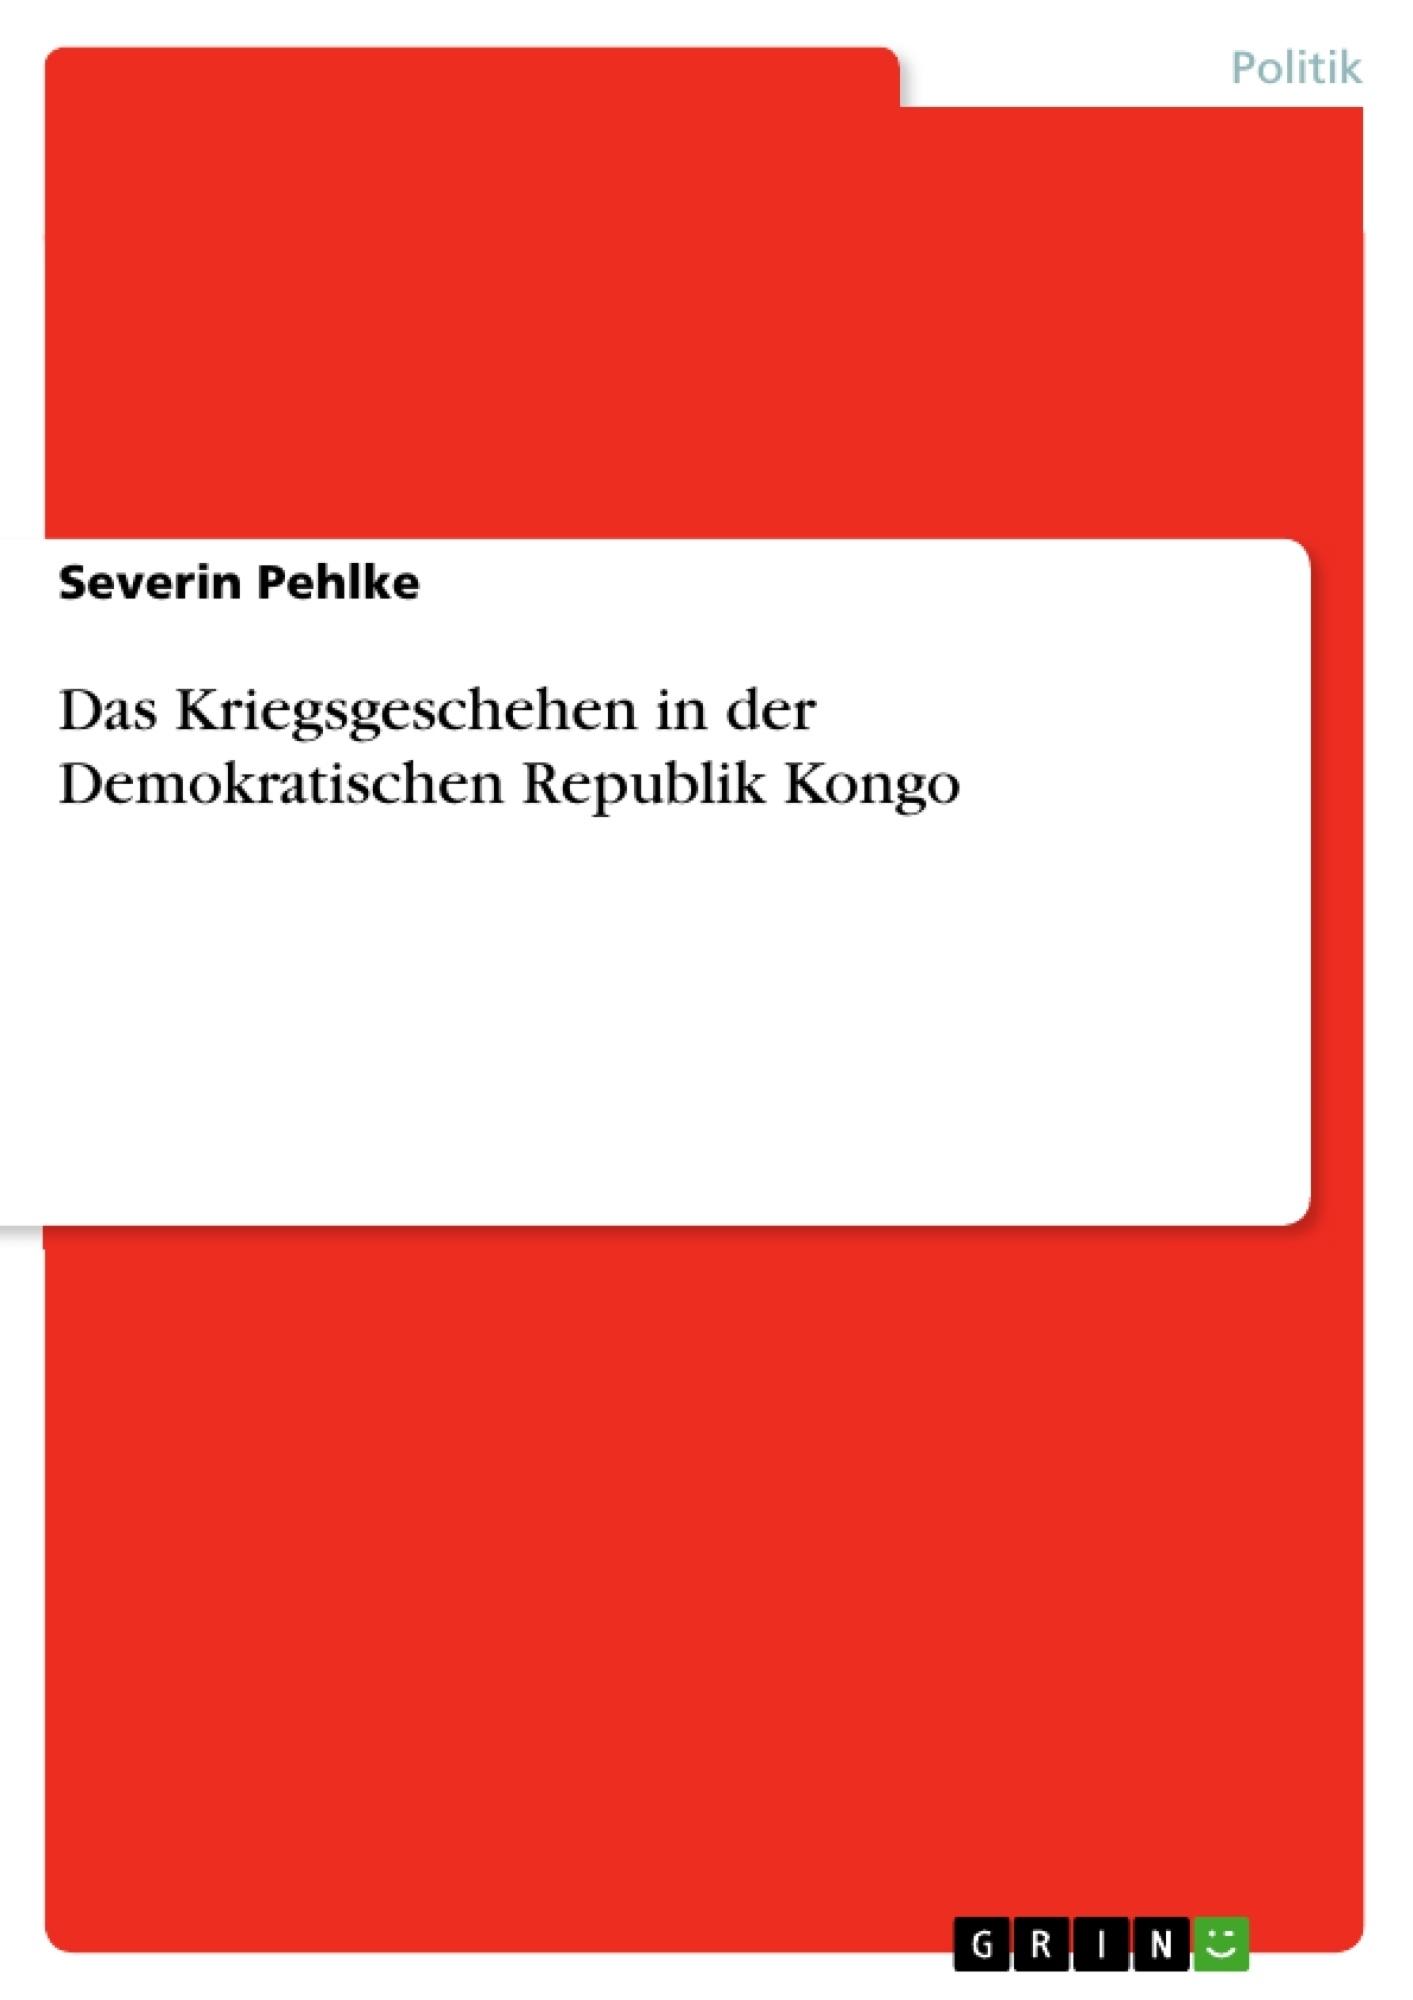 Titel: Das Kriegsgeschehen in der Demokratischen Republik Kongo